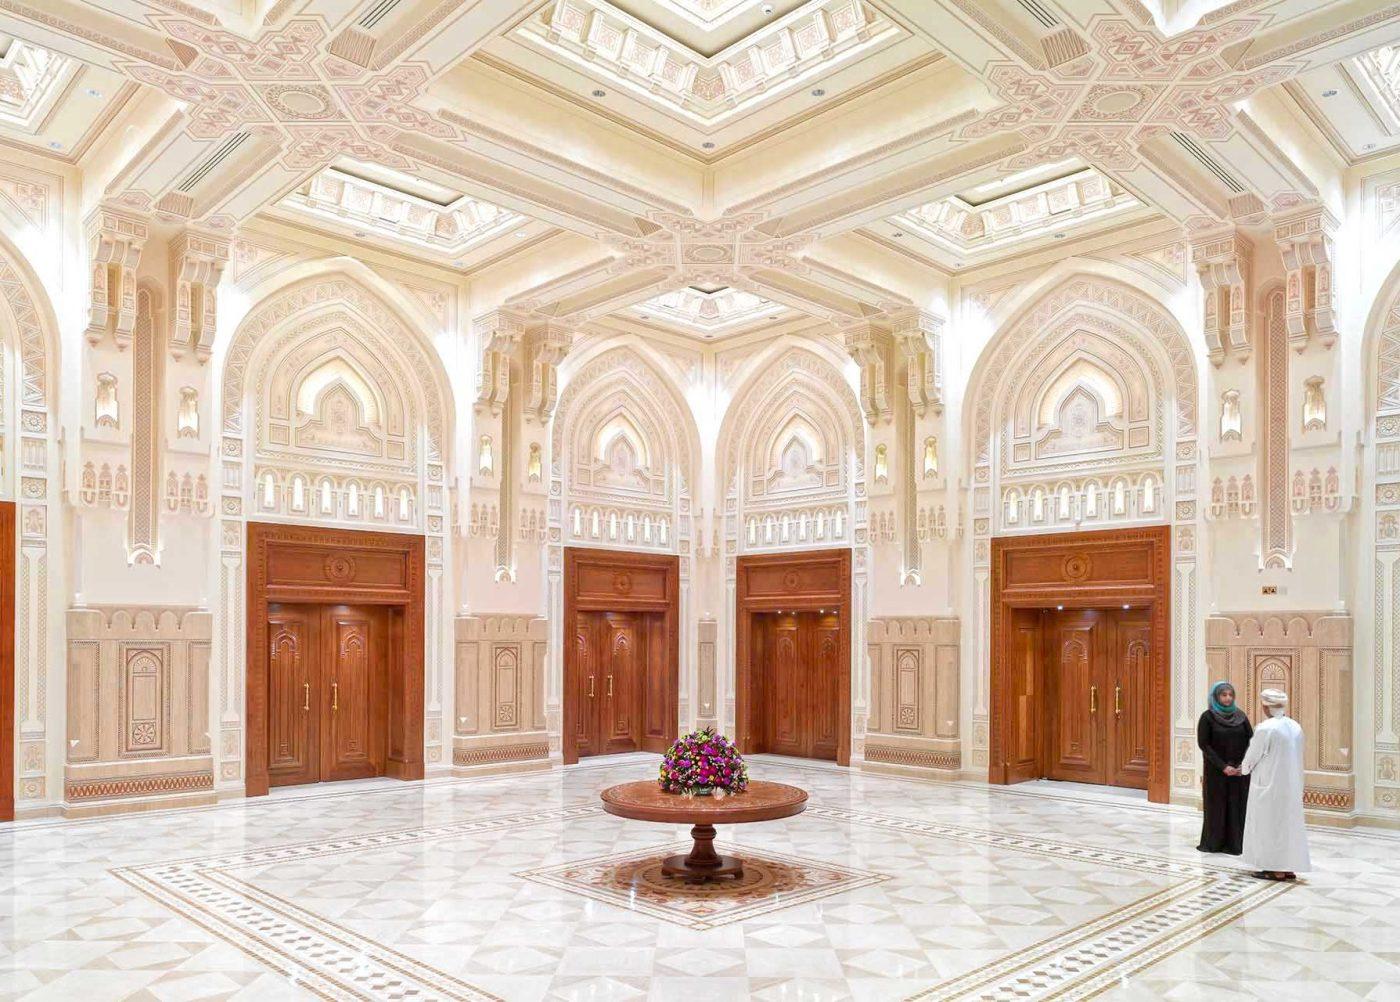 خانه اپرای مسقط 3 - مکان های دیدنی کشورعمان